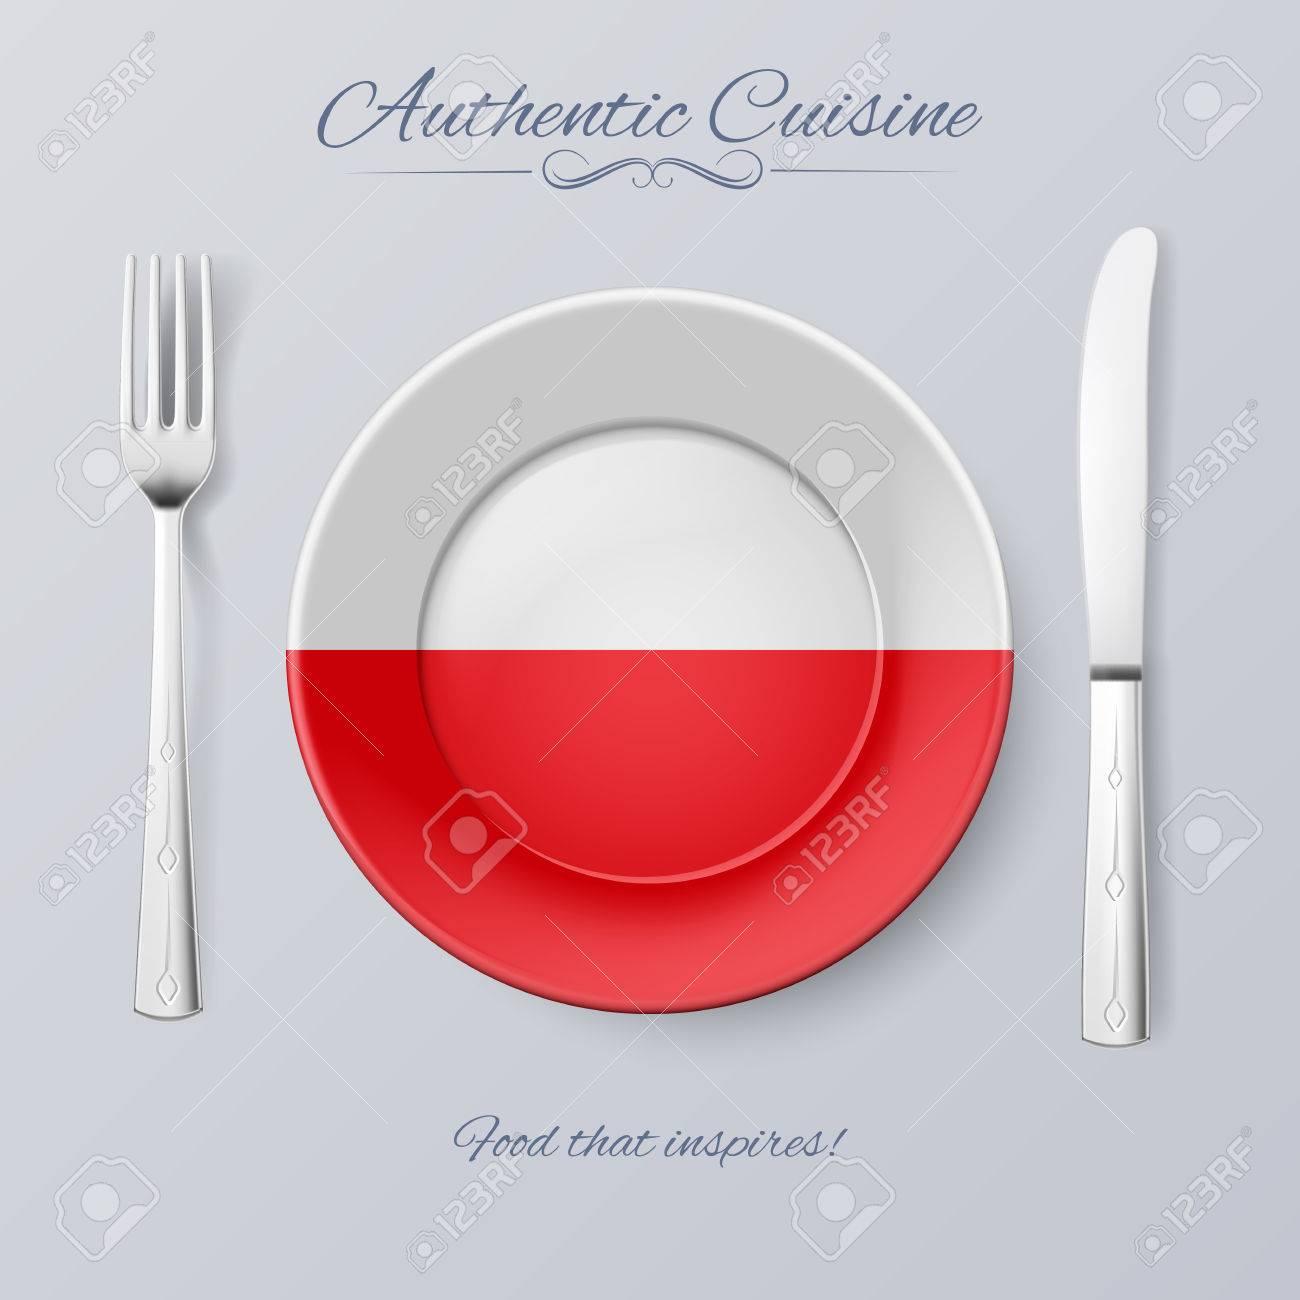 Authentische Küche Aus Polen. Platte Mit Polnischen Flagge Und ...